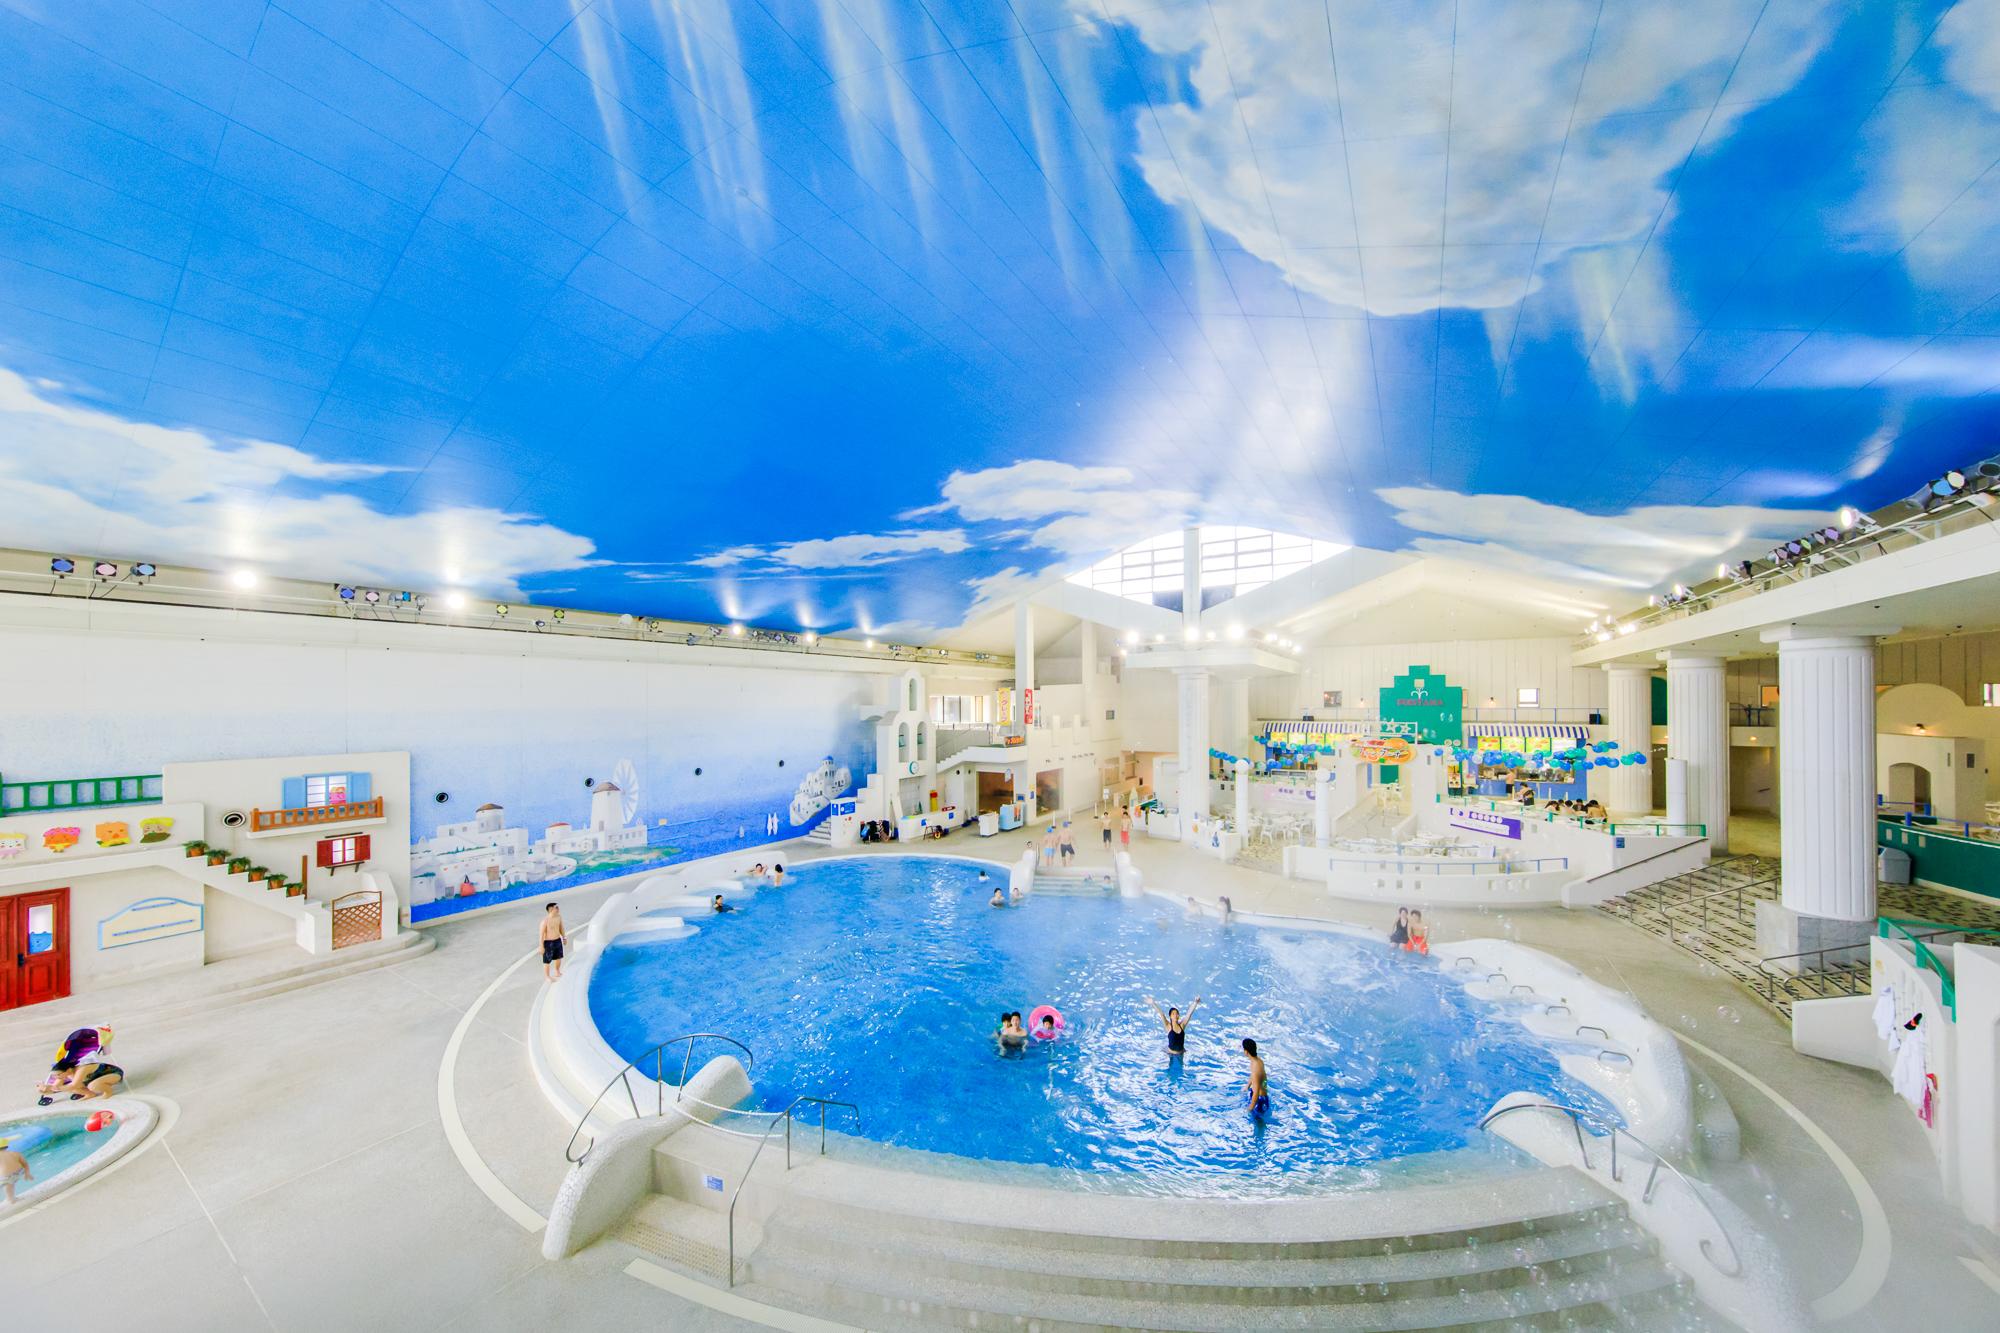 箱根小涌園ユネッサンは一日遊べる温水アミューズメントパーク!ワイン風呂やコーヒー風呂も?!